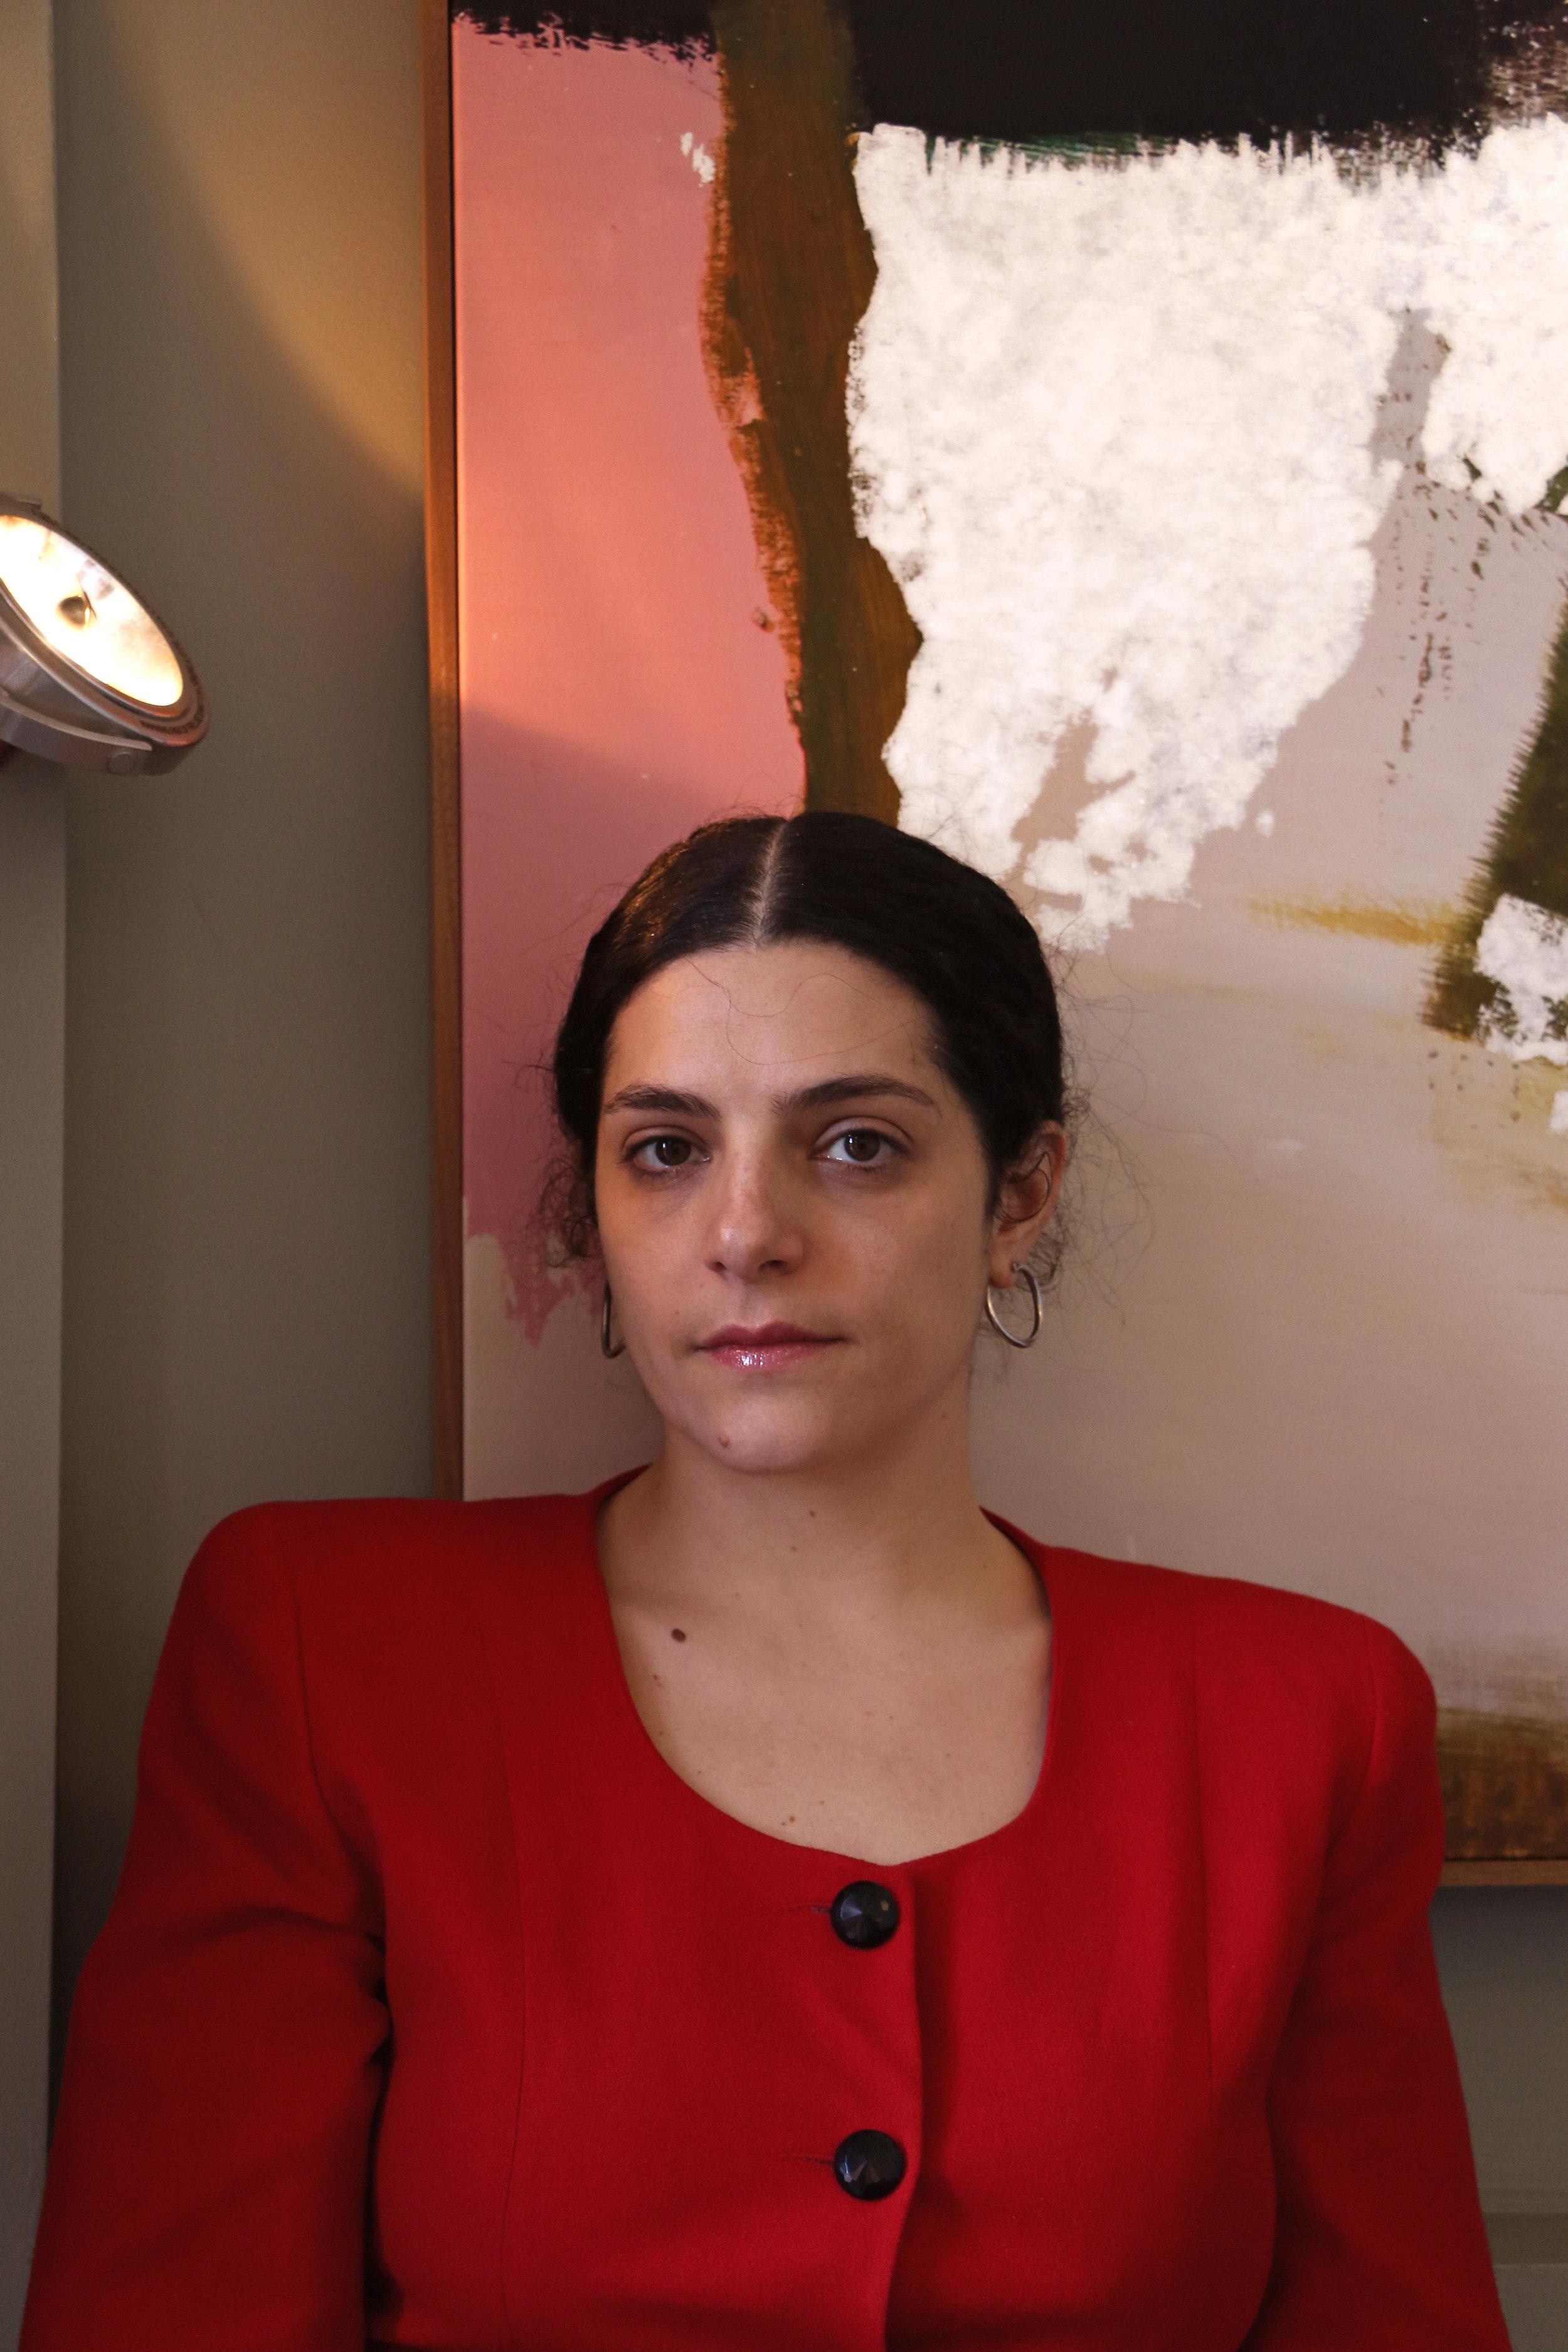 Céline Semaan